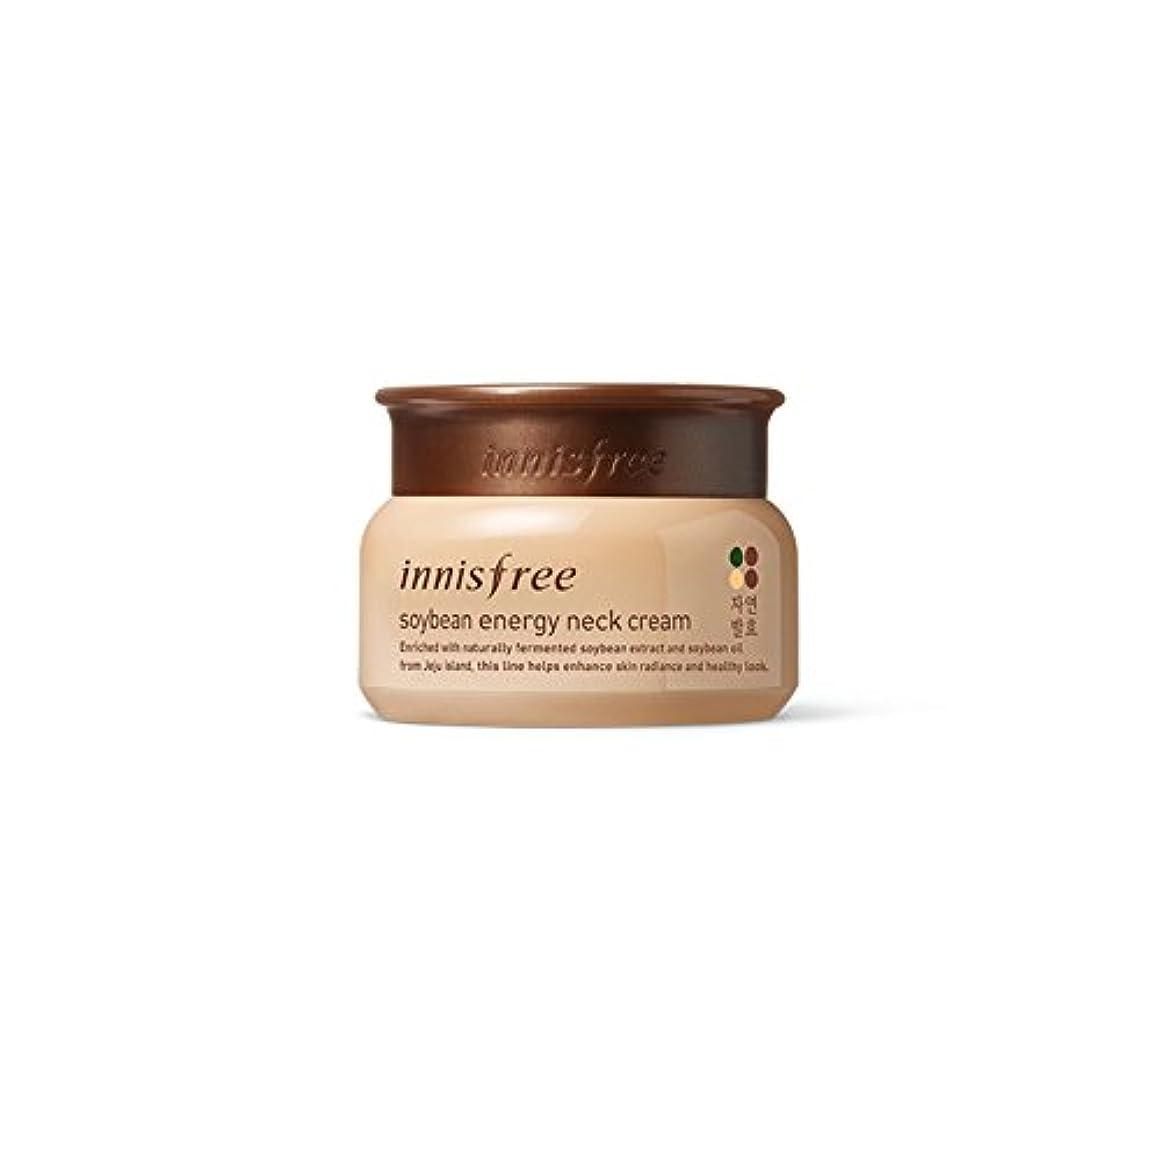 消費する少なくとも毒[イニスフリー] Innisfree 発酵大豆エネジネッククリーム (80ml) Innisfree Soy Bean Energy Neck Cream (80ml) [海外直送品]